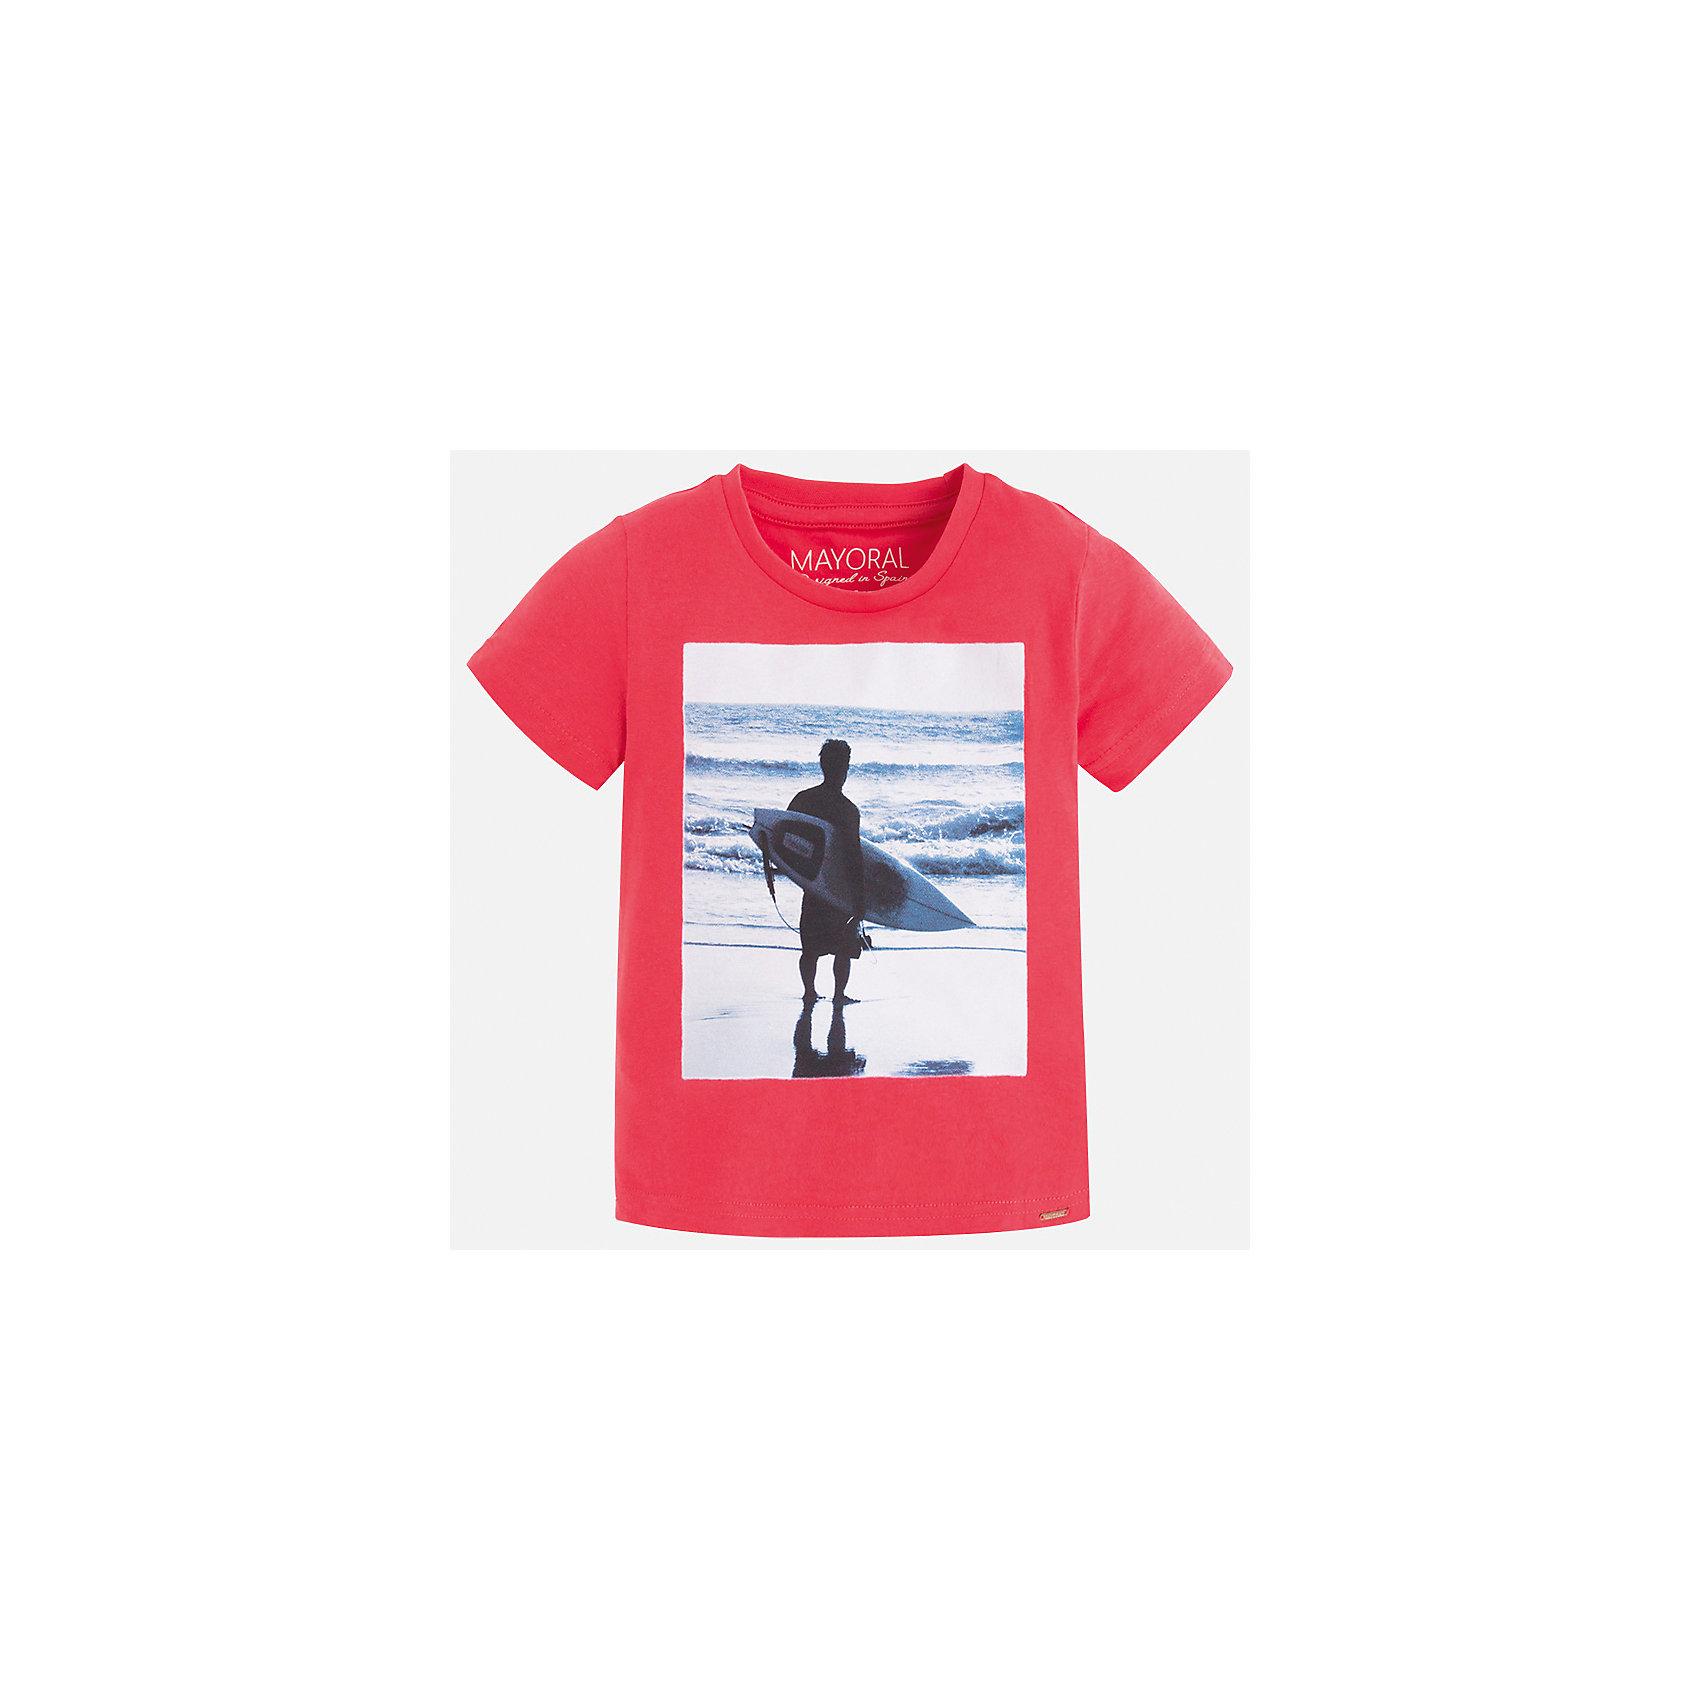 Футболка для мальчика MayoralЛови волну<br>Характеристики товара:<br><br>• цвет: розовый<br>• состав: 100% хлопок<br>• круглый горловой вырез<br>• декорирована принтом<br>• короткие рукава<br>• отделка горловины<br>• страна бренда: Испания<br><br>Стильная удобная футболка с принтом поможет разнообразить гардероб мальчика. Она отлично сочетается с брюками, шортами, джинсами. Универсальный крой и цвет позволяет подобрать к вещи низ разных расцветок. Практичное и стильное изделие! Хорошо смотрится и комфортно сидит на детях. В составе материала - только натуральный хлопок, гипоаллергенный, приятный на ощупь, дышащий. <br><br>Одежда, обувь и аксессуары от испанского бренда Mayoral полюбились детям и взрослым по всему миру. Модели этой марки - стильные и удобные. Для их производства используются только безопасные, качественные материалы и фурнитура. Порадуйте ребенка модными и красивыми вещами от Mayoral! <br><br>Футболку для мальчика от испанского бренда Mayoral (Майорал) можно купить в нашем интернет-магазине.<br><br>Ширина мм: 199<br>Глубина мм: 10<br>Высота мм: 161<br>Вес г: 151<br>Цвет: красный<br>Возраст от месяцев: 18<br>Возраст до месяцев: 24<br>Пол: Мужской<br>Возраст: Детский<br>Размер: 98,92,134,128,122,116,110,104<br>SKU: 5279981